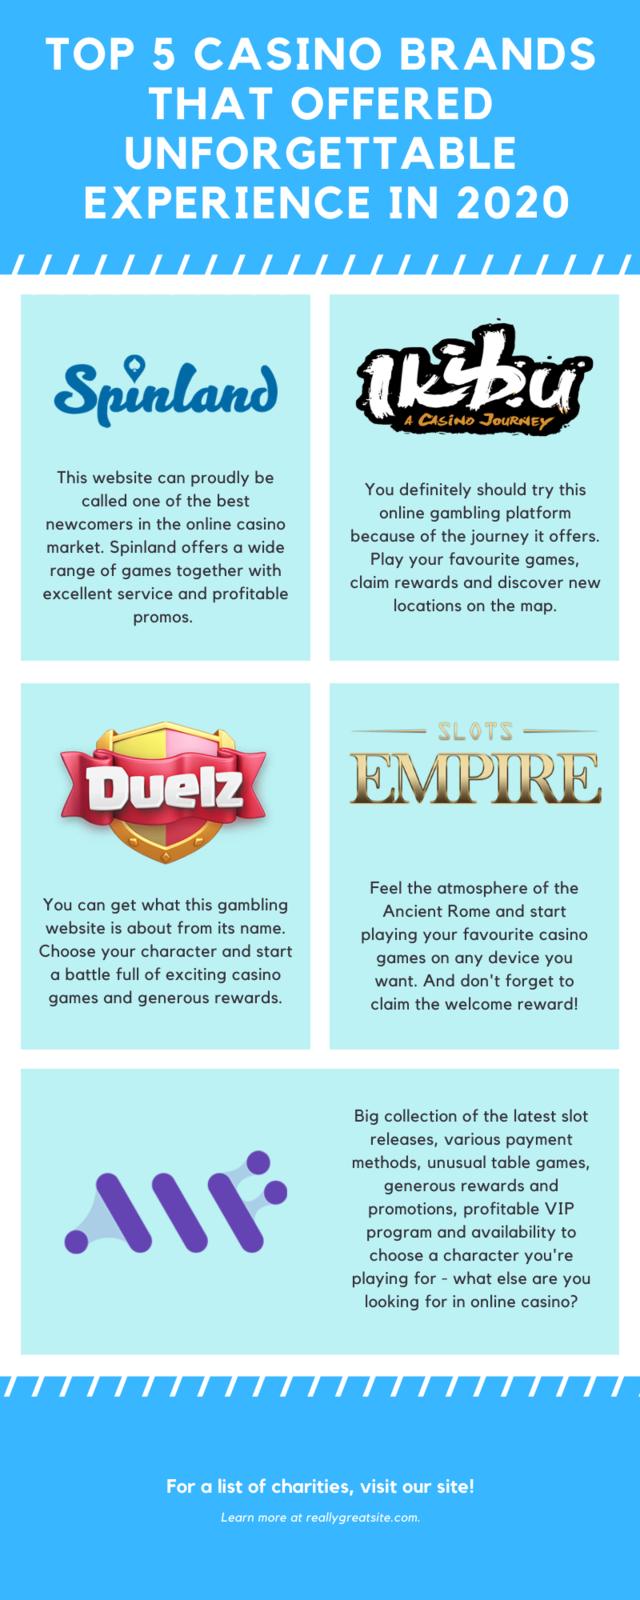 New casino brands